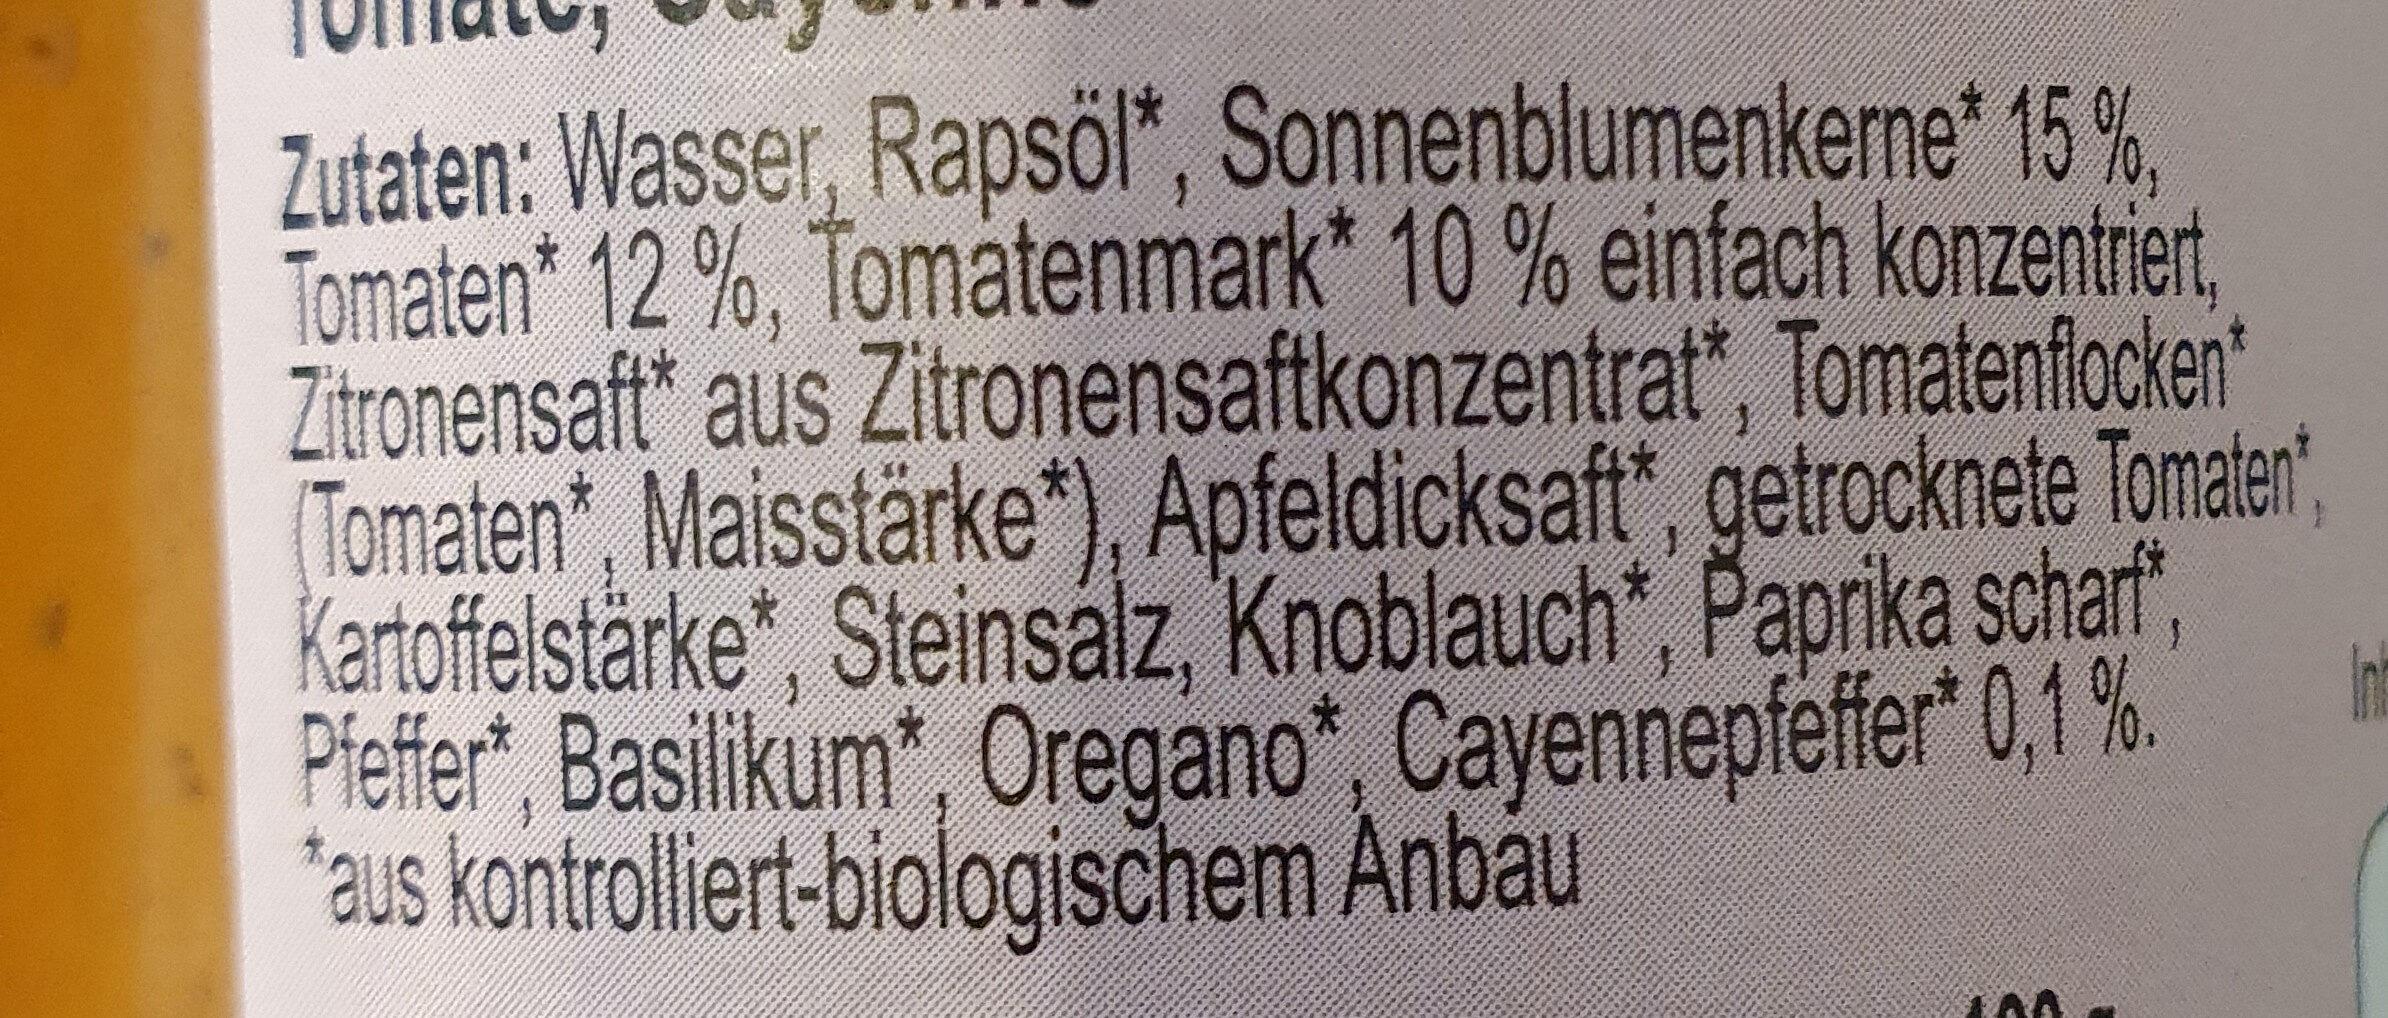 Zwergenwiese Arrabitom Brotaufstrich - Inhaltsstoffe - de